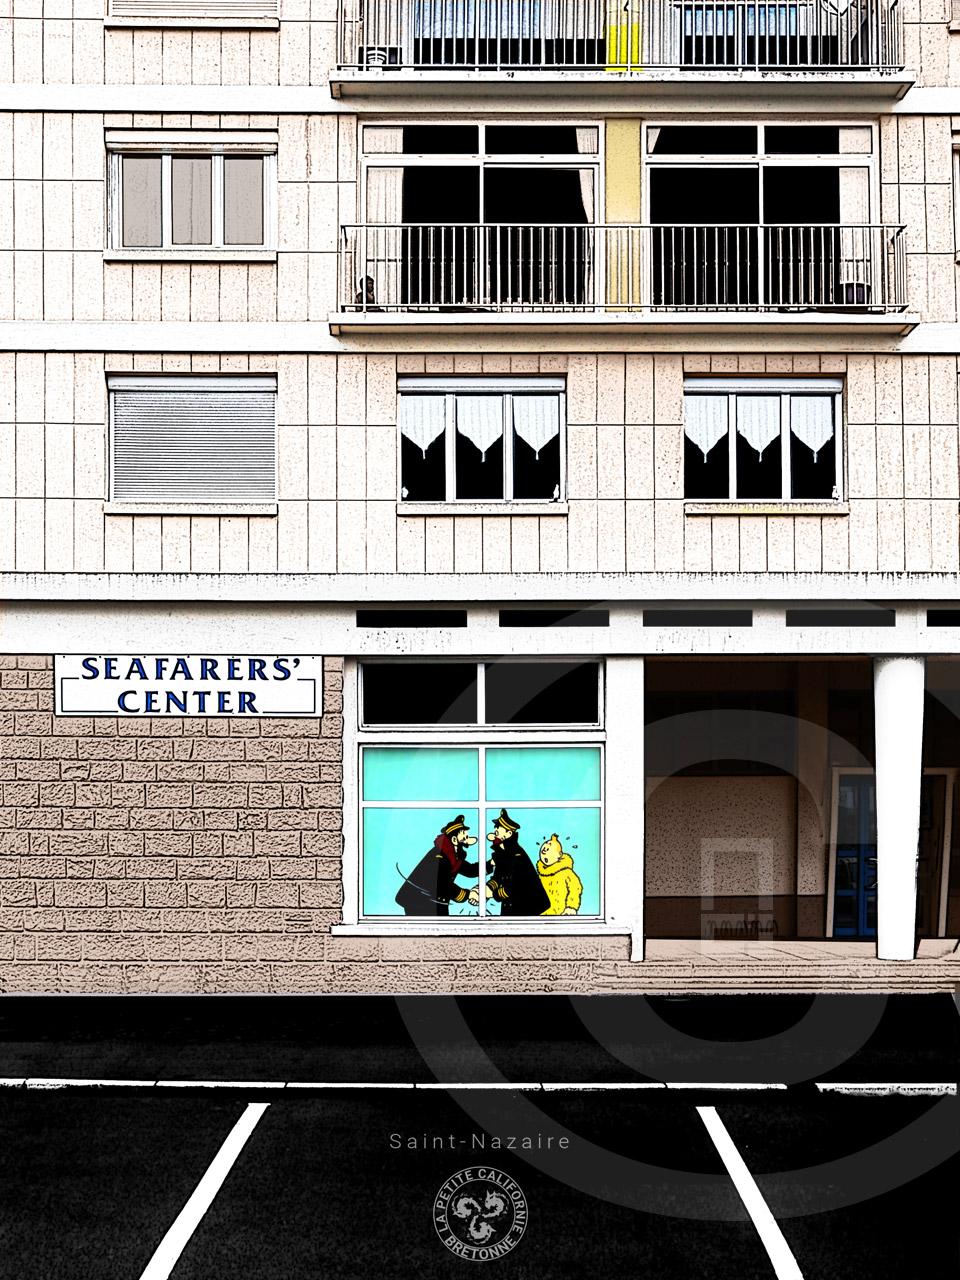 Affiche Seafarer's center - Saint-Nazaire